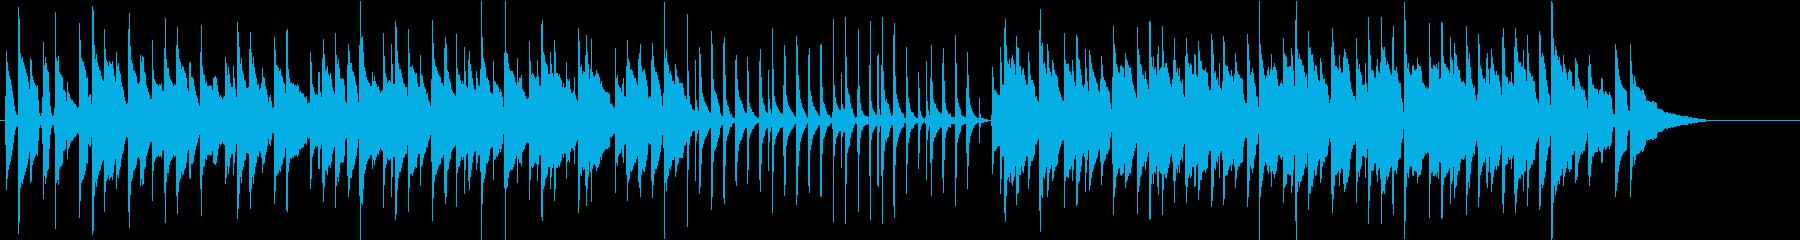 ハッピーバースデー アコギ 生演奏の再生済みの波形